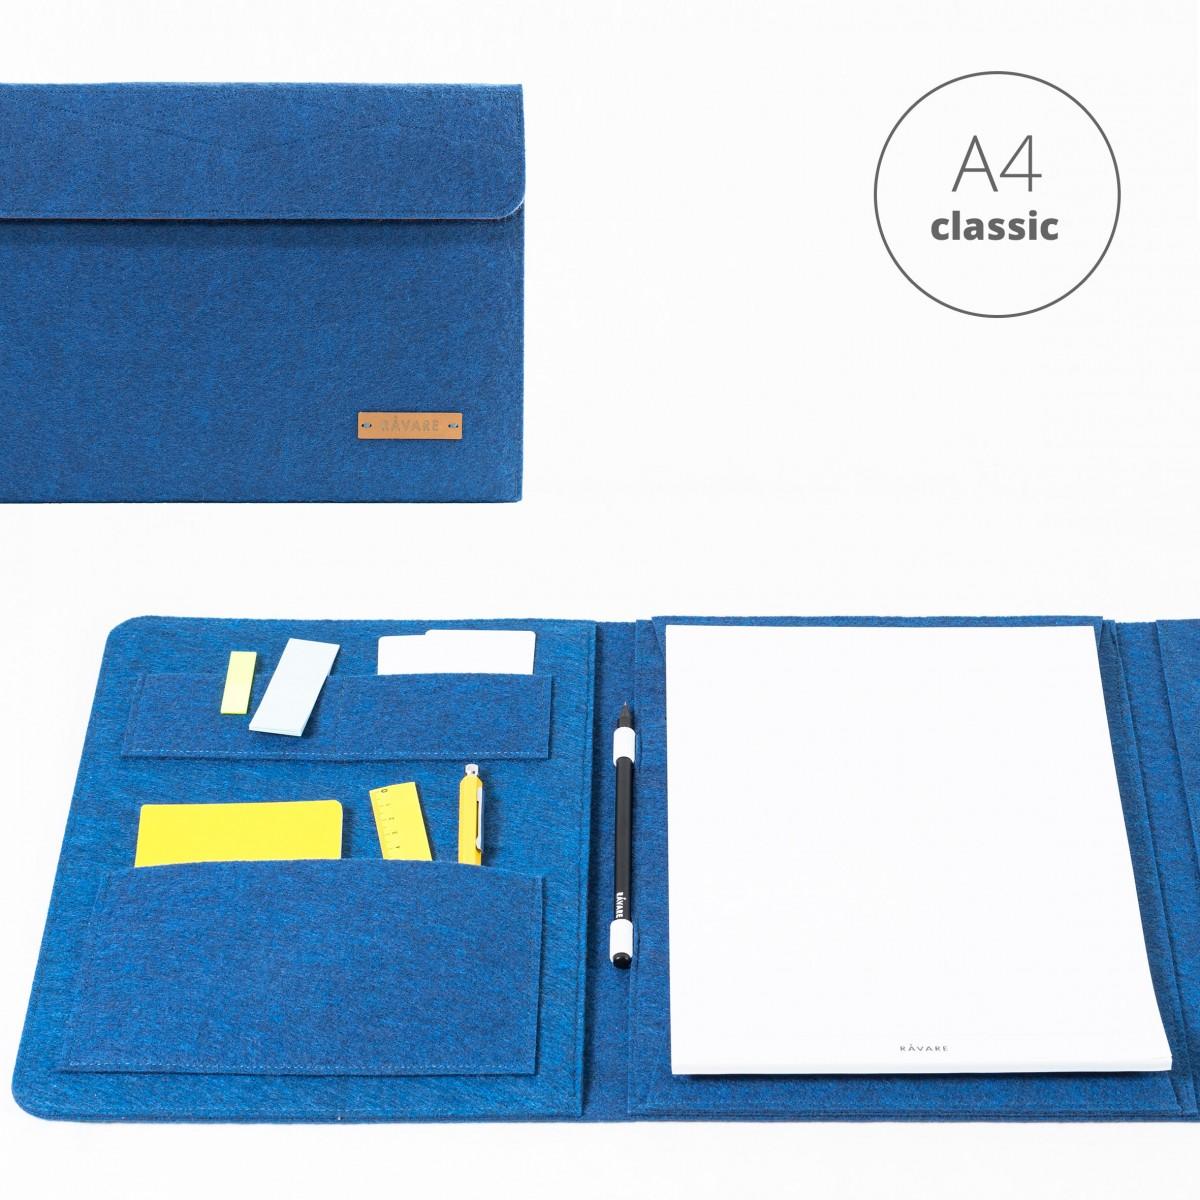 RÅVARE Dokumententasche Dokumentenmappe für A4-Dokumente und Tablet ≤12.3″ in blau [HELLA]